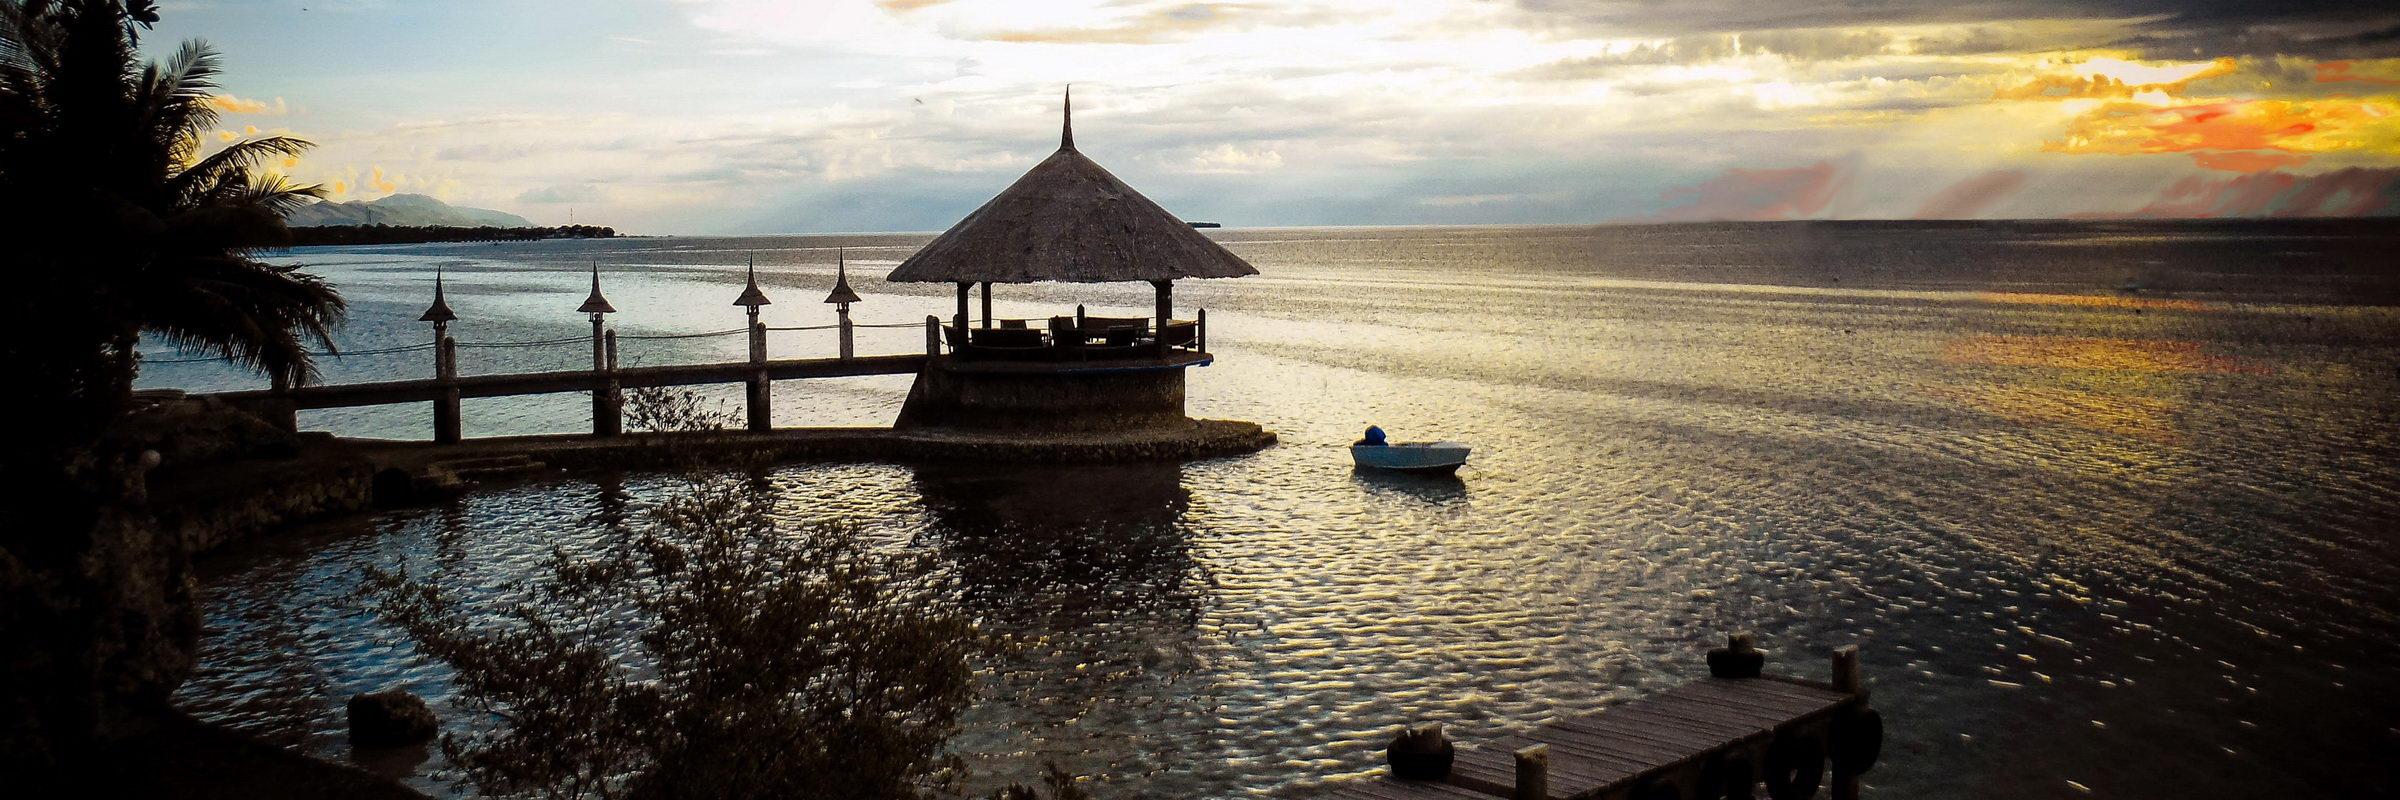 Das Dolphin House Resort auf Insel Cebu bietet eine malerische Kulisse für einen Sonnenuntergang.